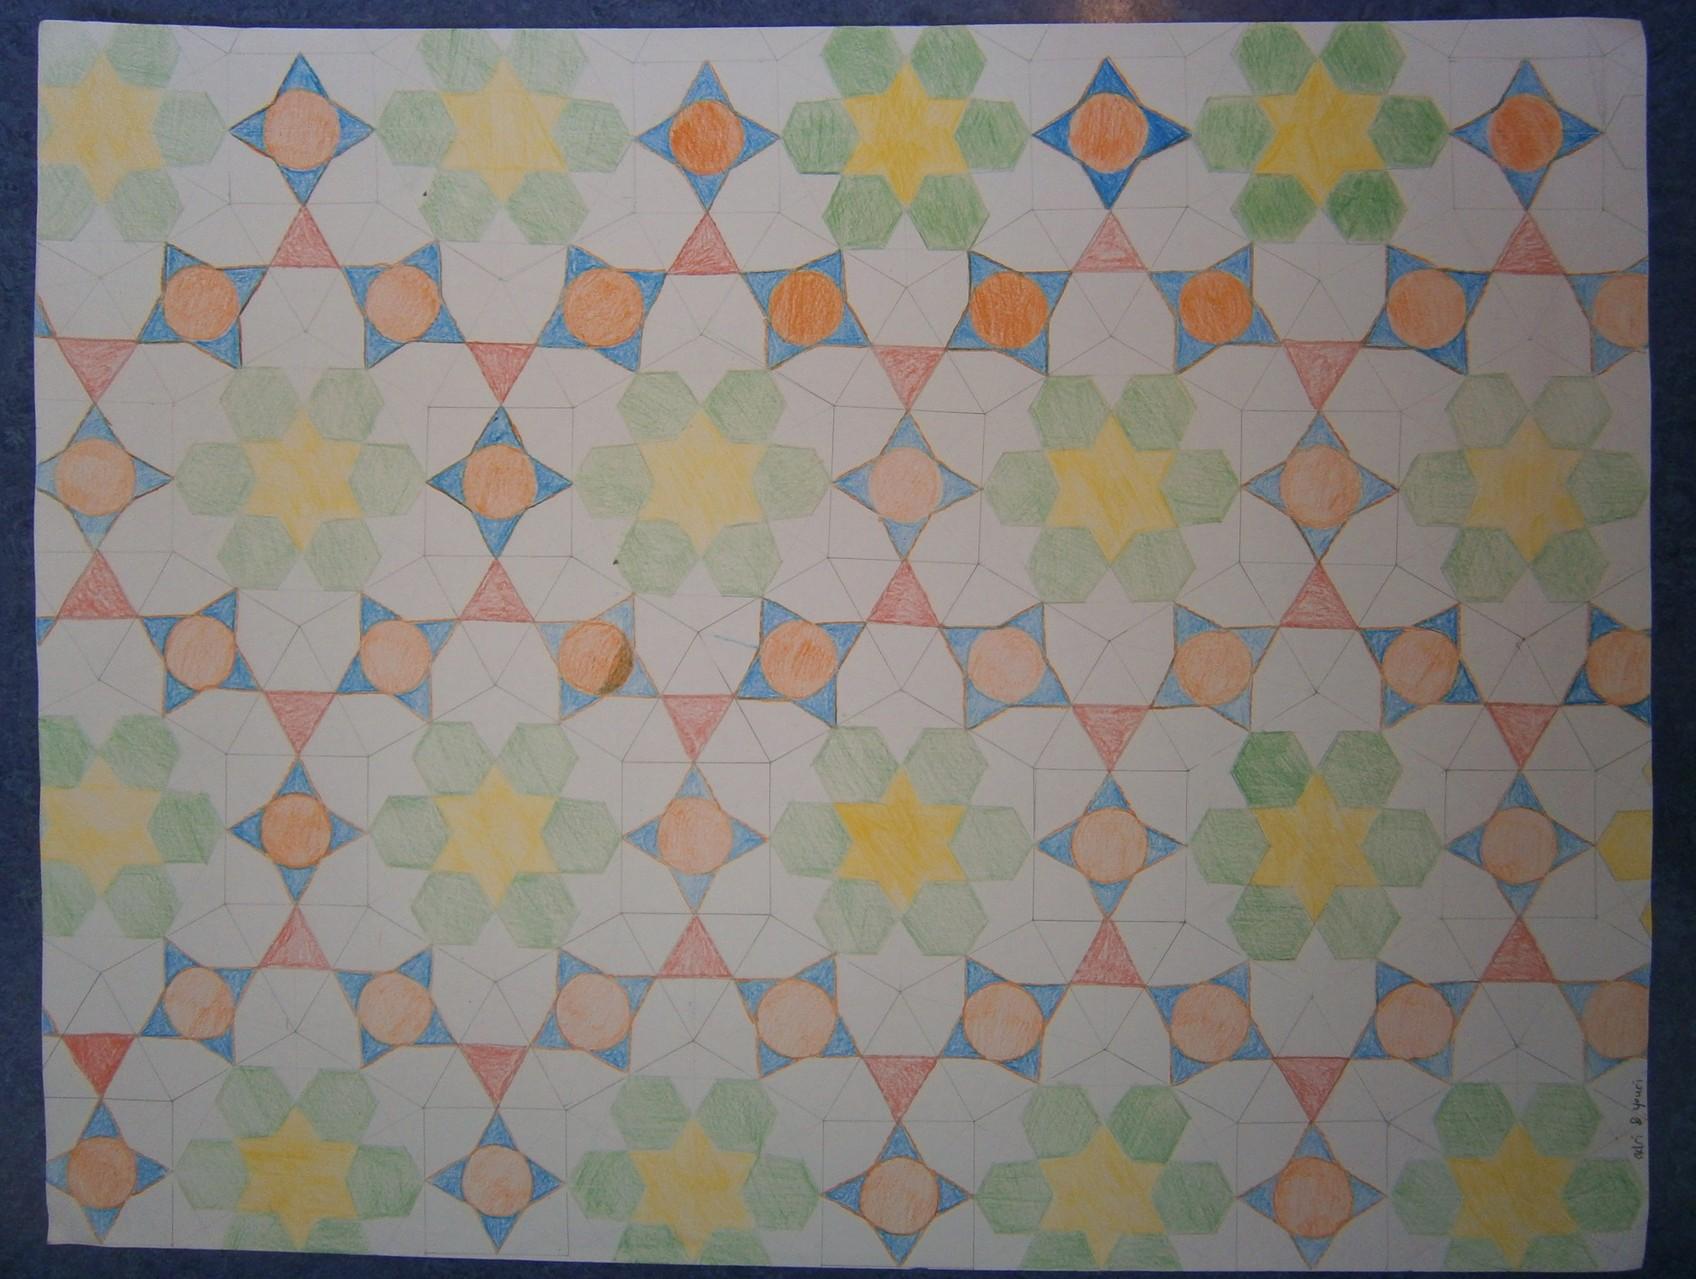 Dit mozaïek is gebaseerd op exact hetzelfde patroon als het vorige mozaïek, maar nu is het met de hand getekend en ingekleurd.